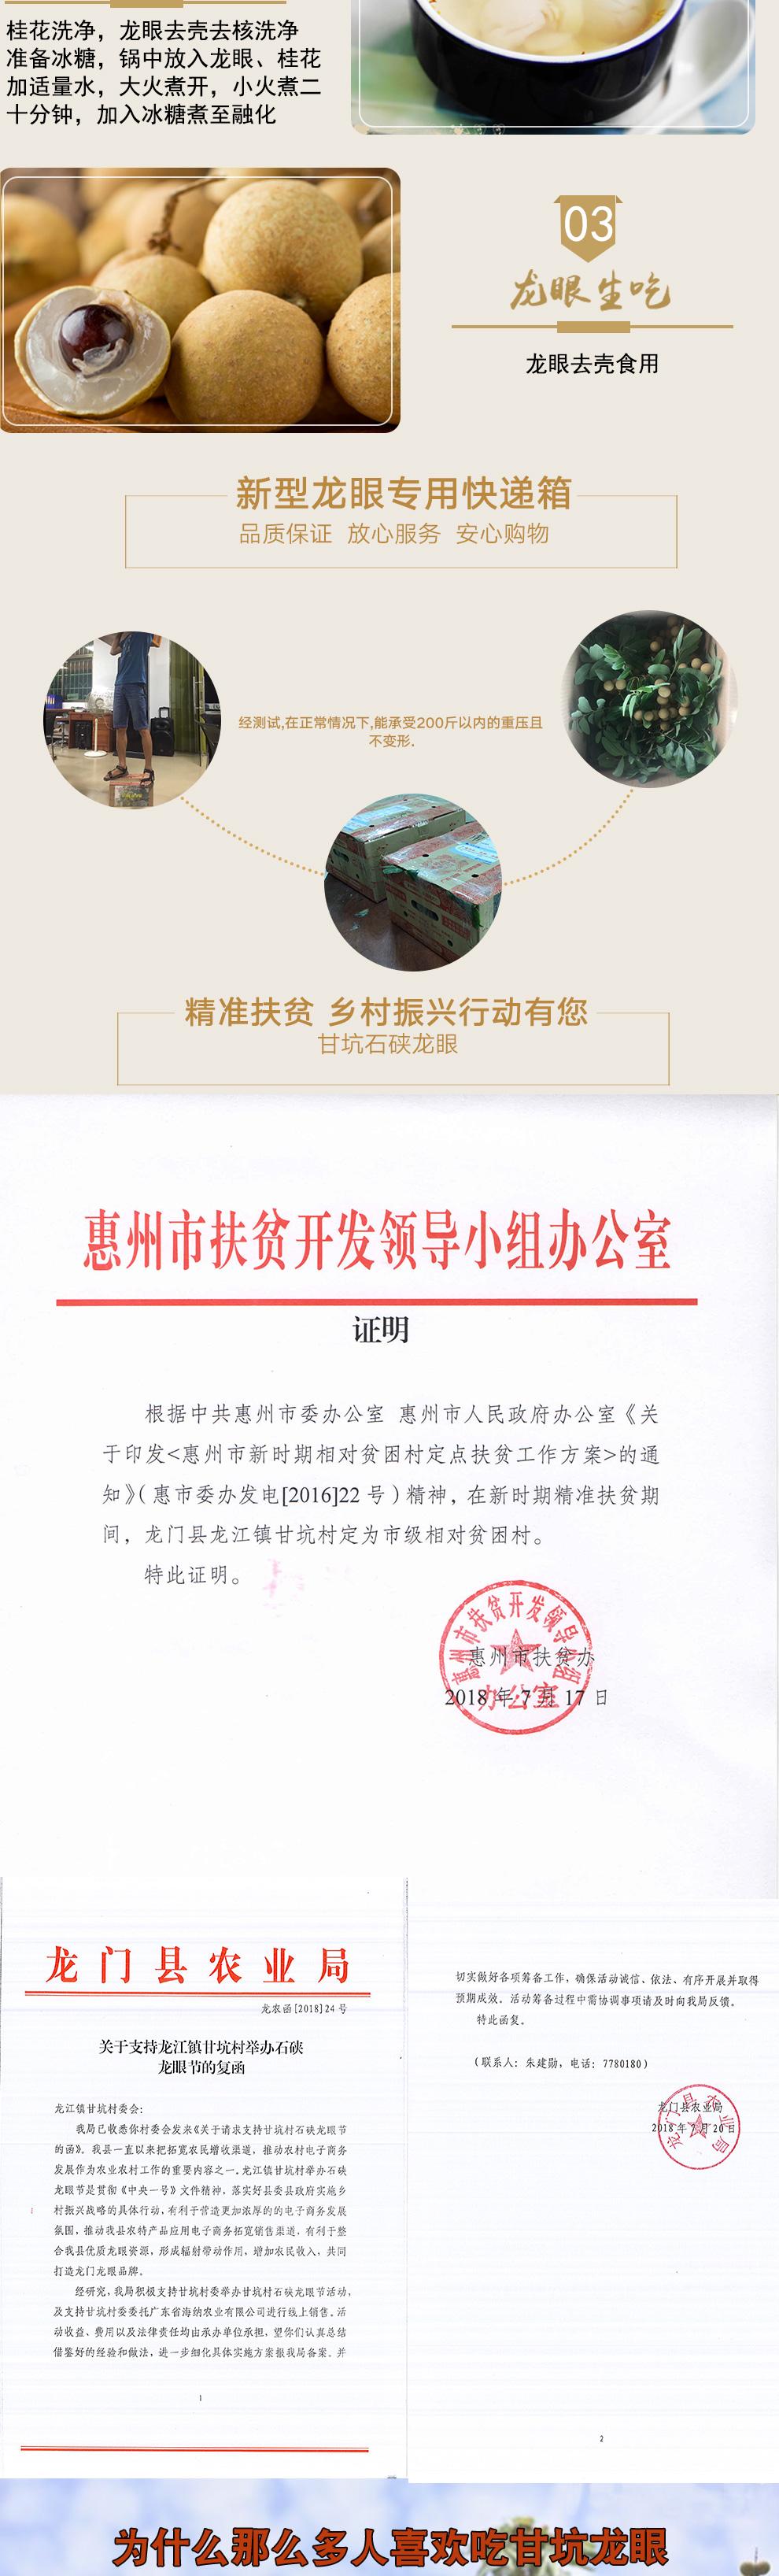 广东龙门黄壳石硖龙眼 新鲜水果  广东桂圆特产  顺丰包邮